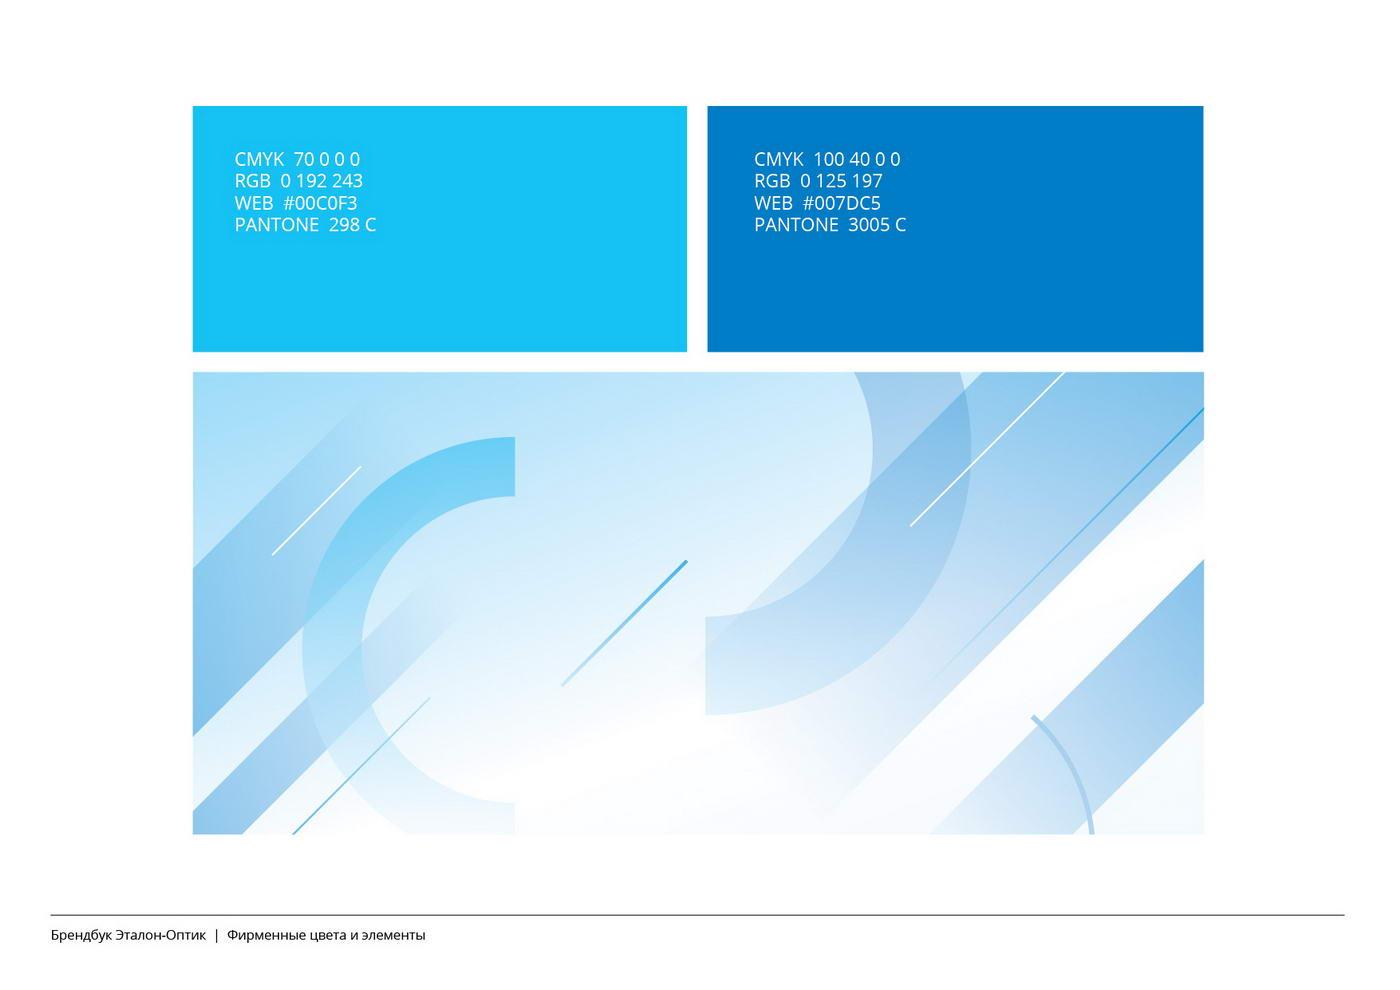 وضع كتاب العلامة التجارية ETALON البصرية